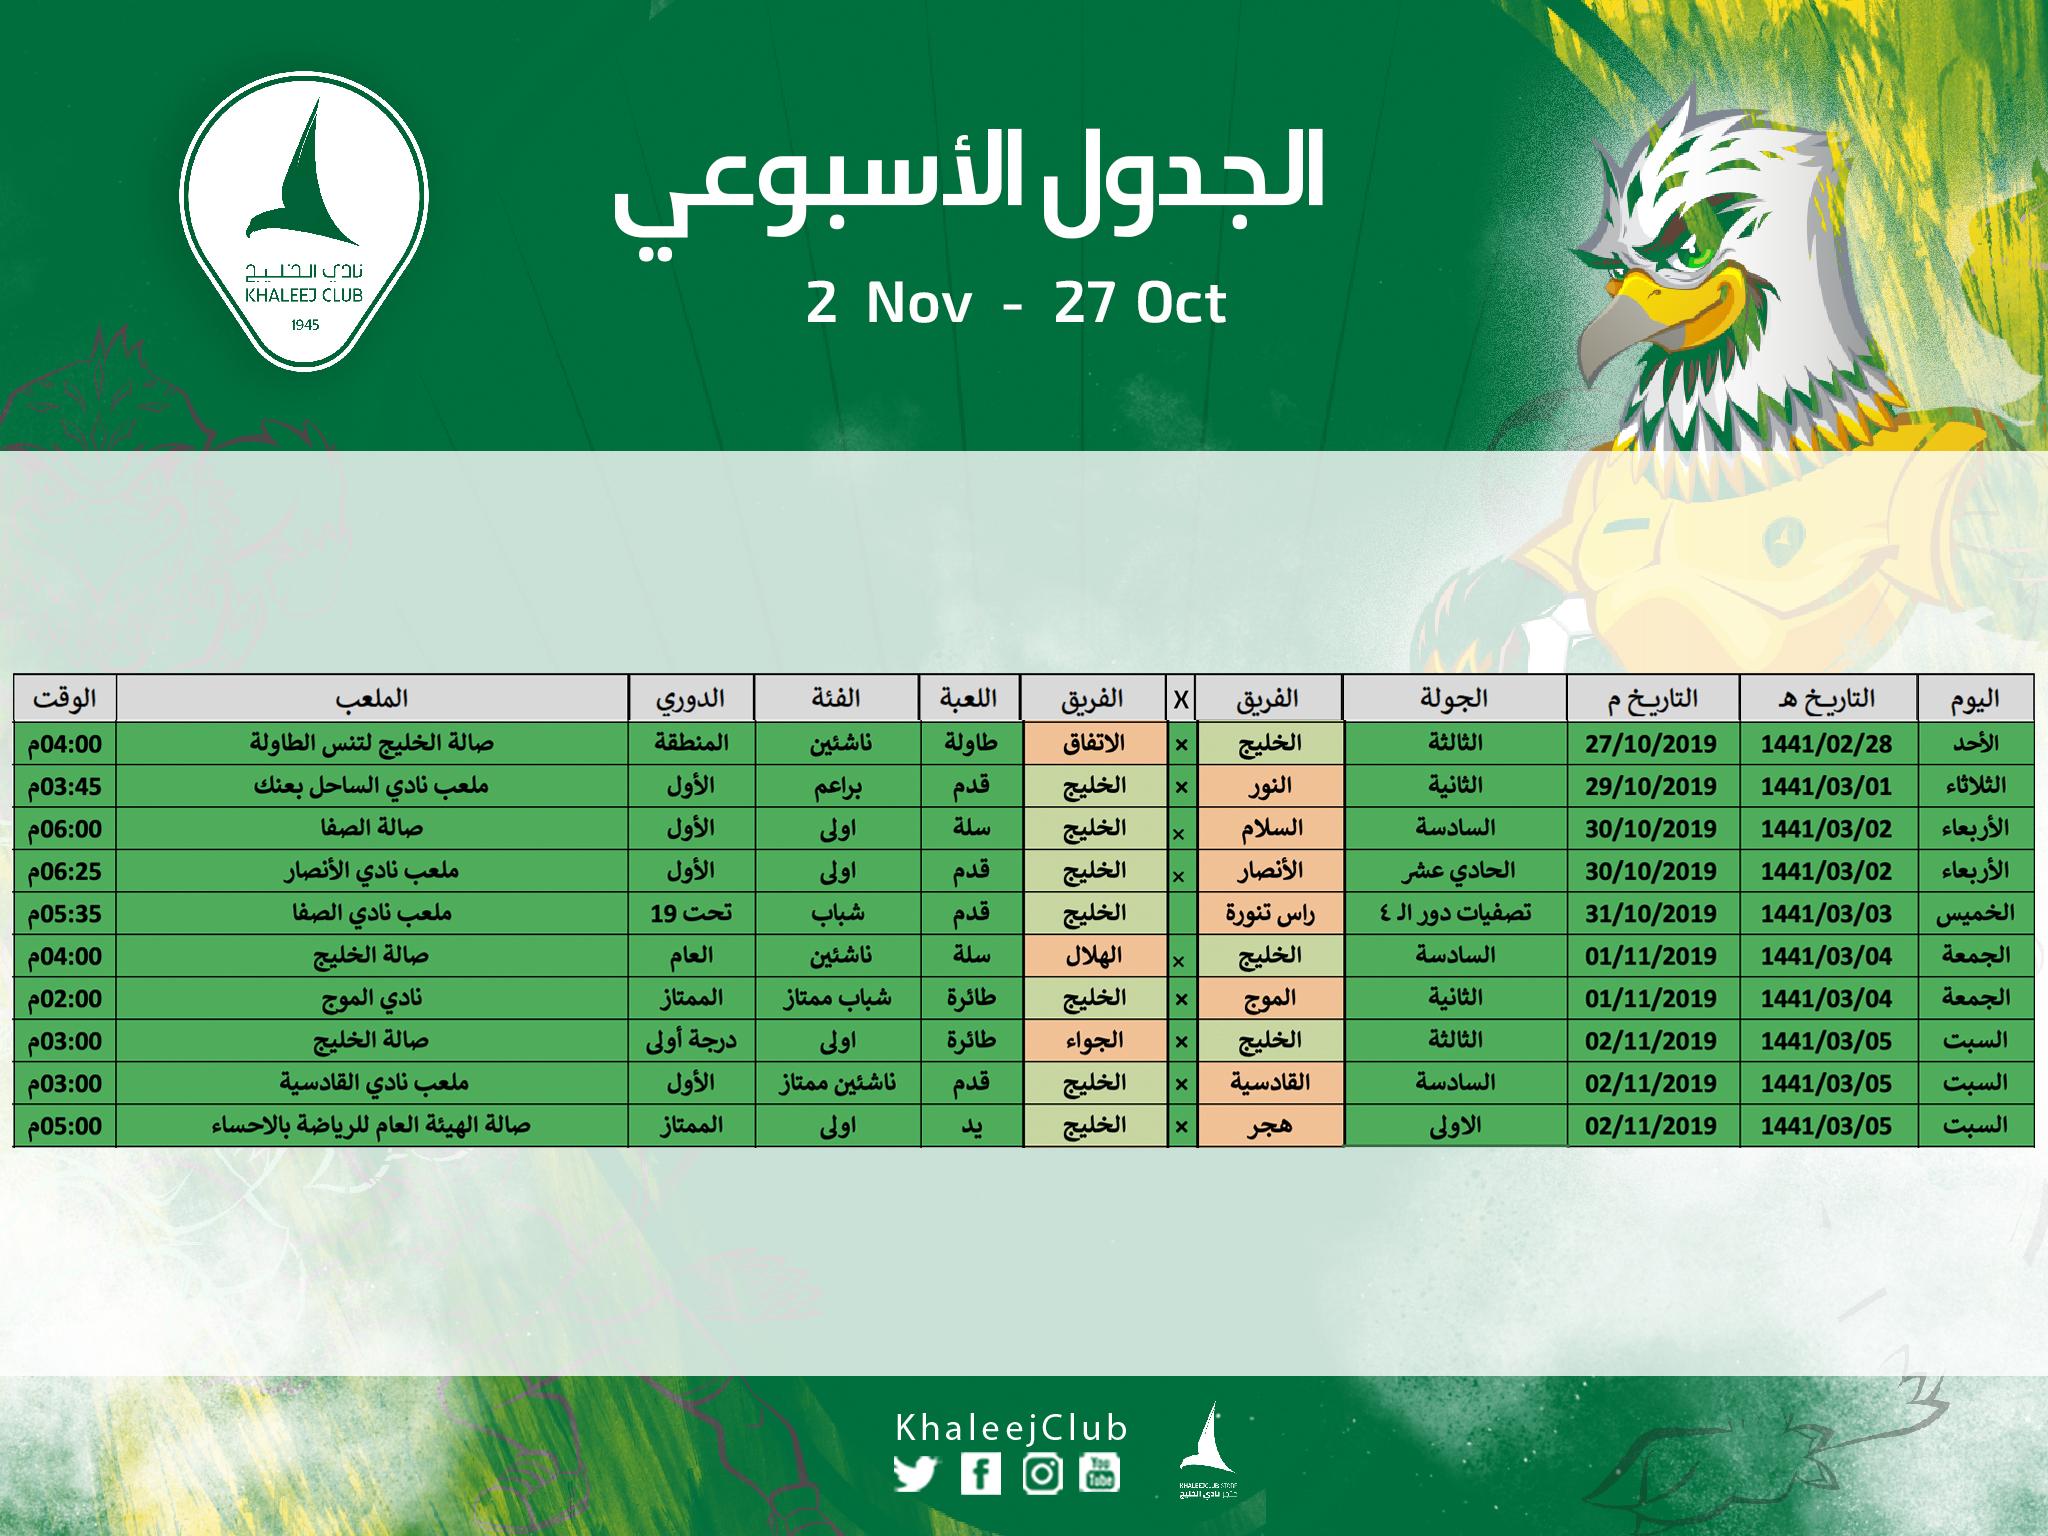 جدول مباريات #نادي_الخليج لهذا الأسبوع